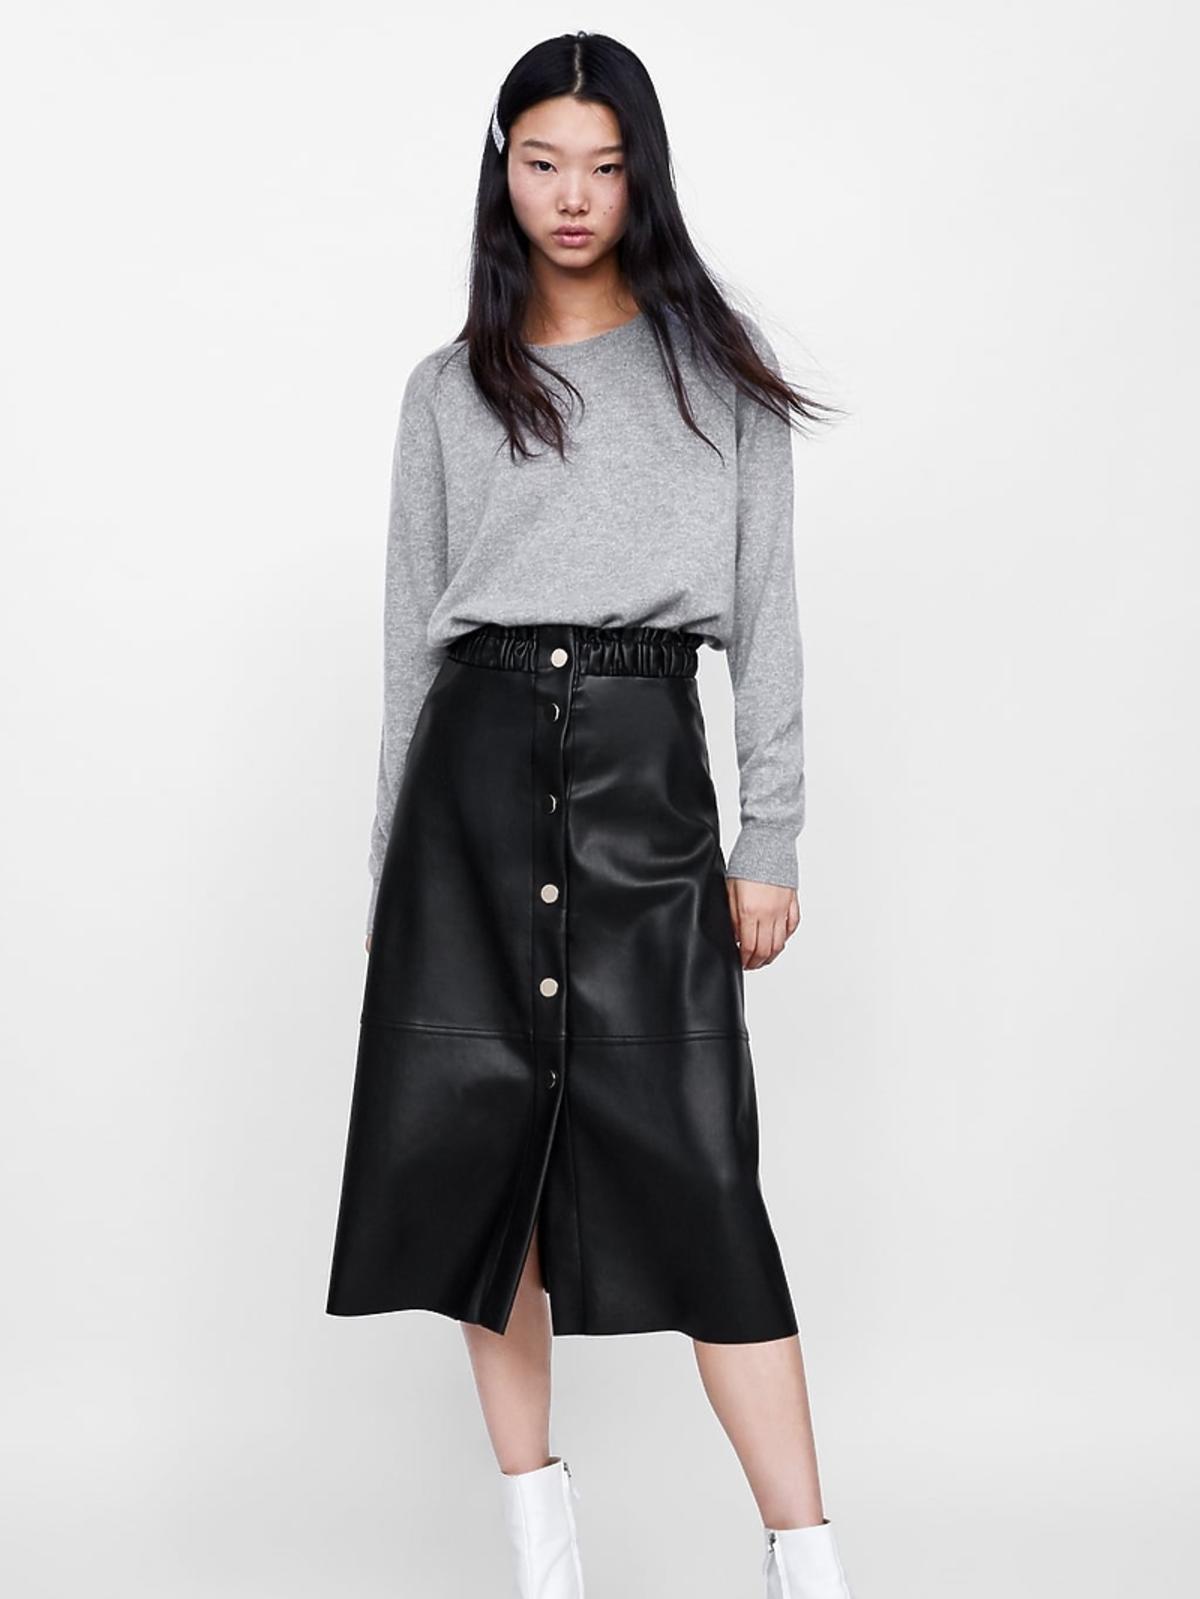 Skórzana spódnica z wiązaniem Zara cena 109 zł